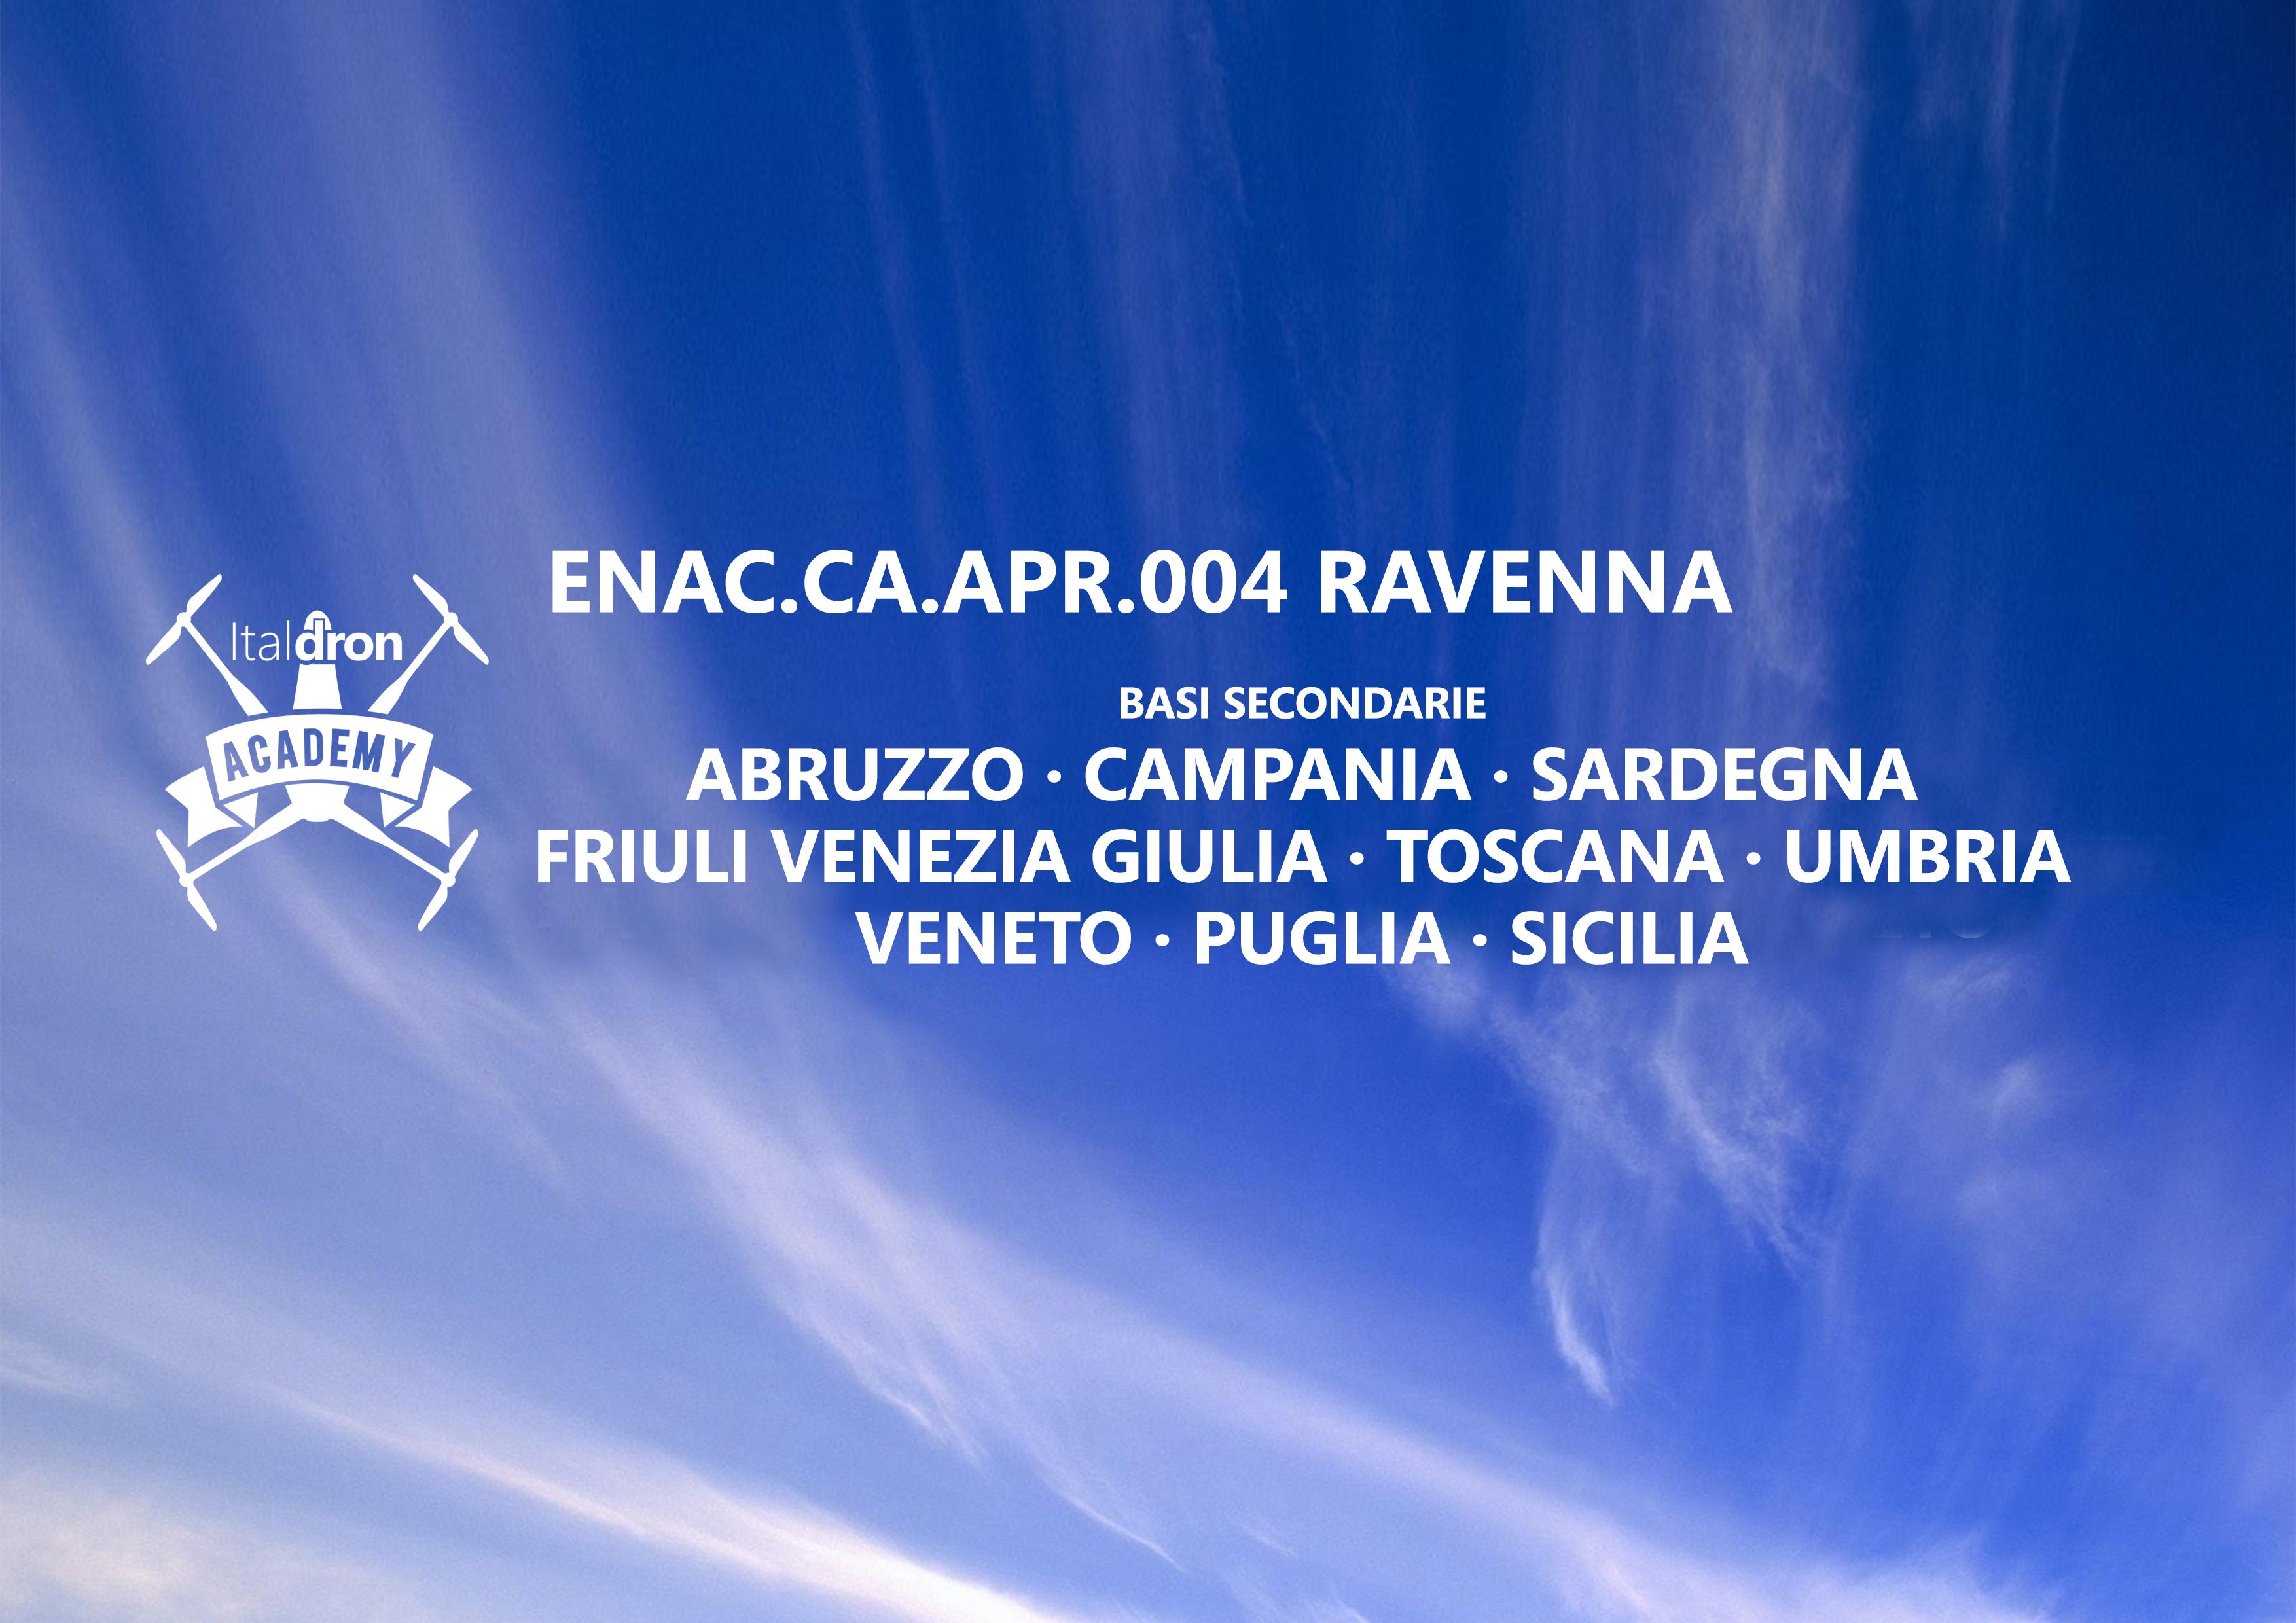 Italdron Academy - nuove basi in Puglia e Sicilia